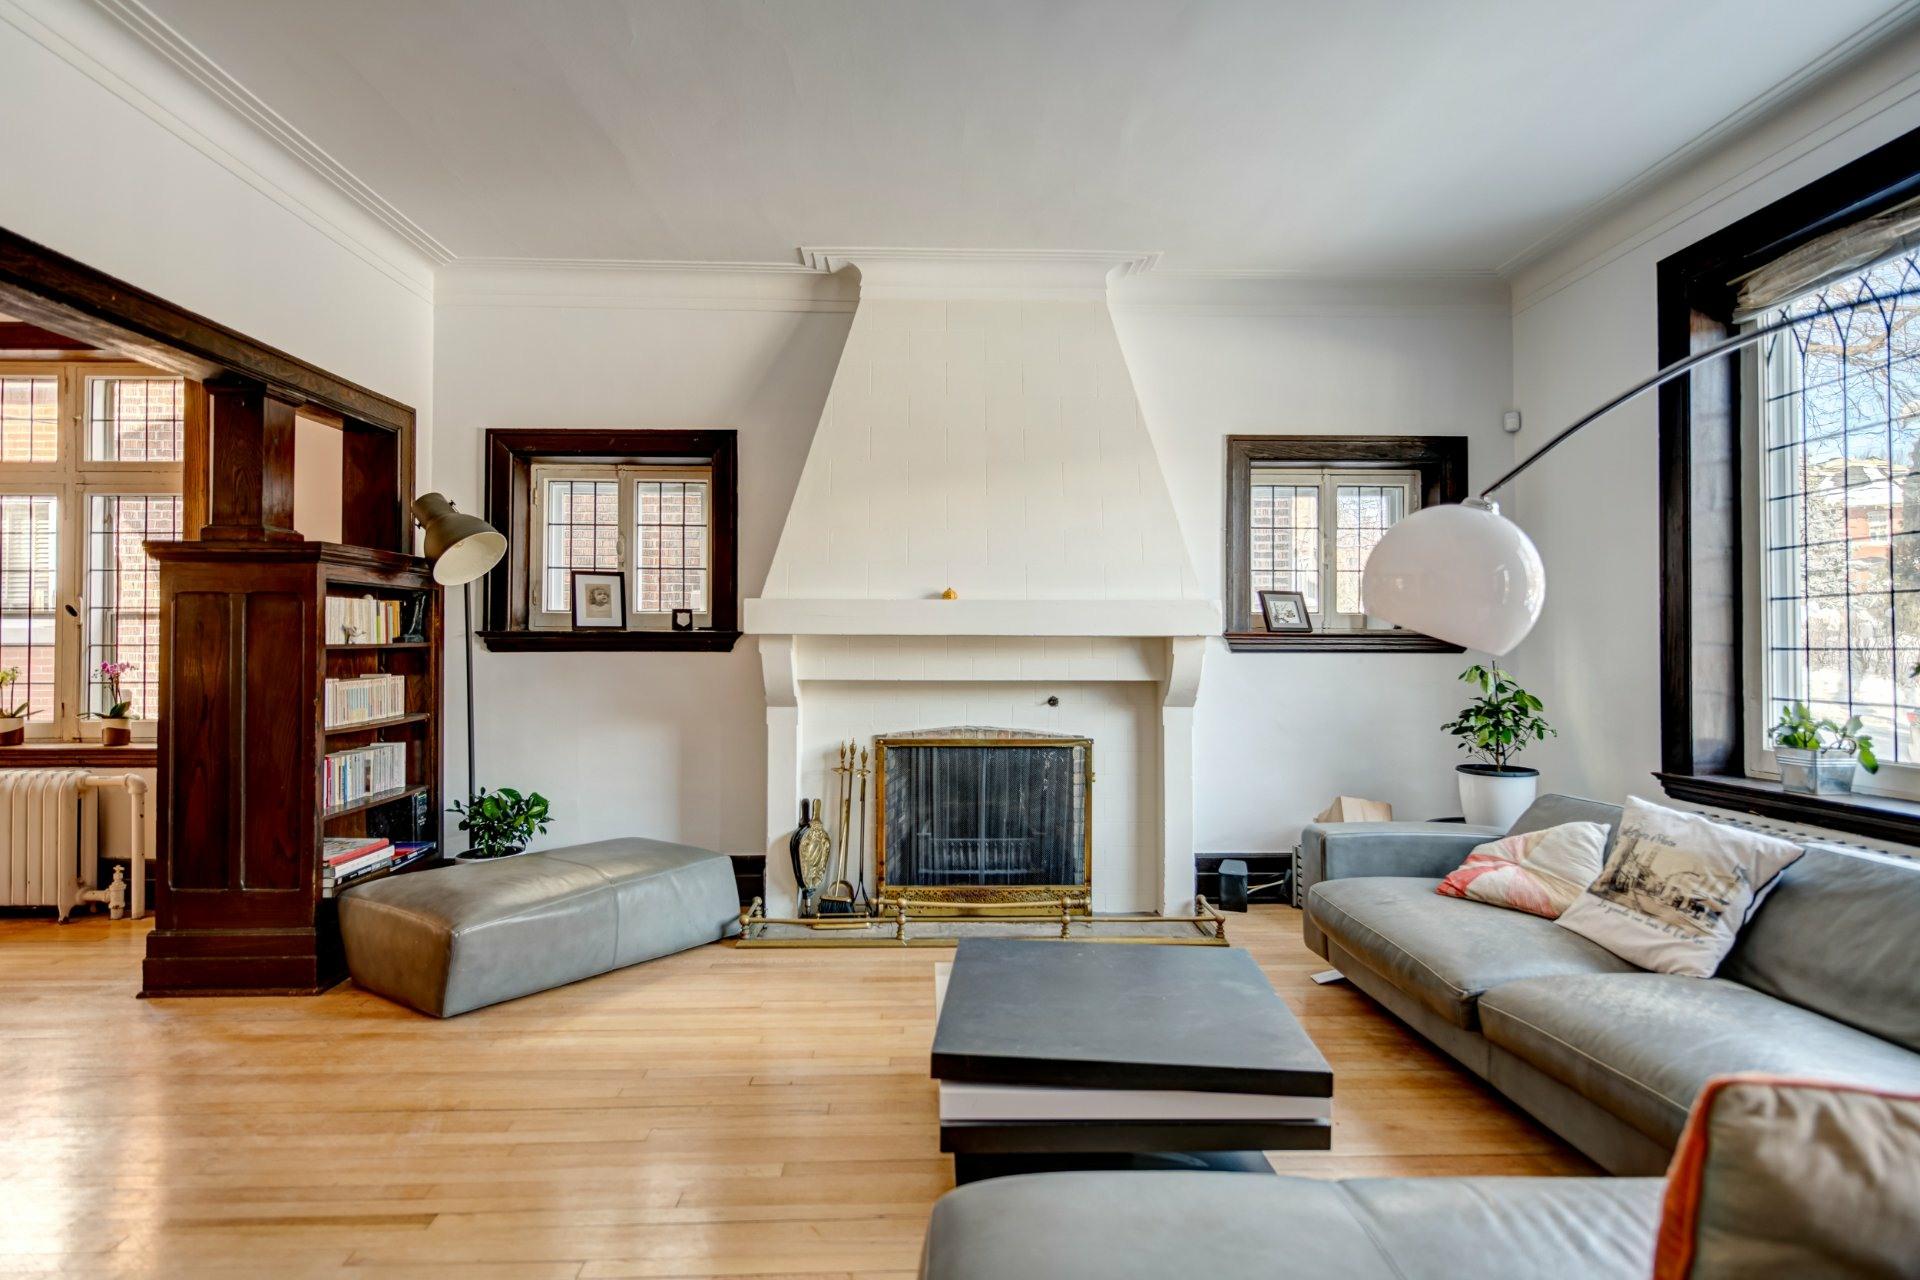 image 4 - House For sale Côte-des-Neiges/Notre-Dame-de-Grâce Montréal  - 10 rooms